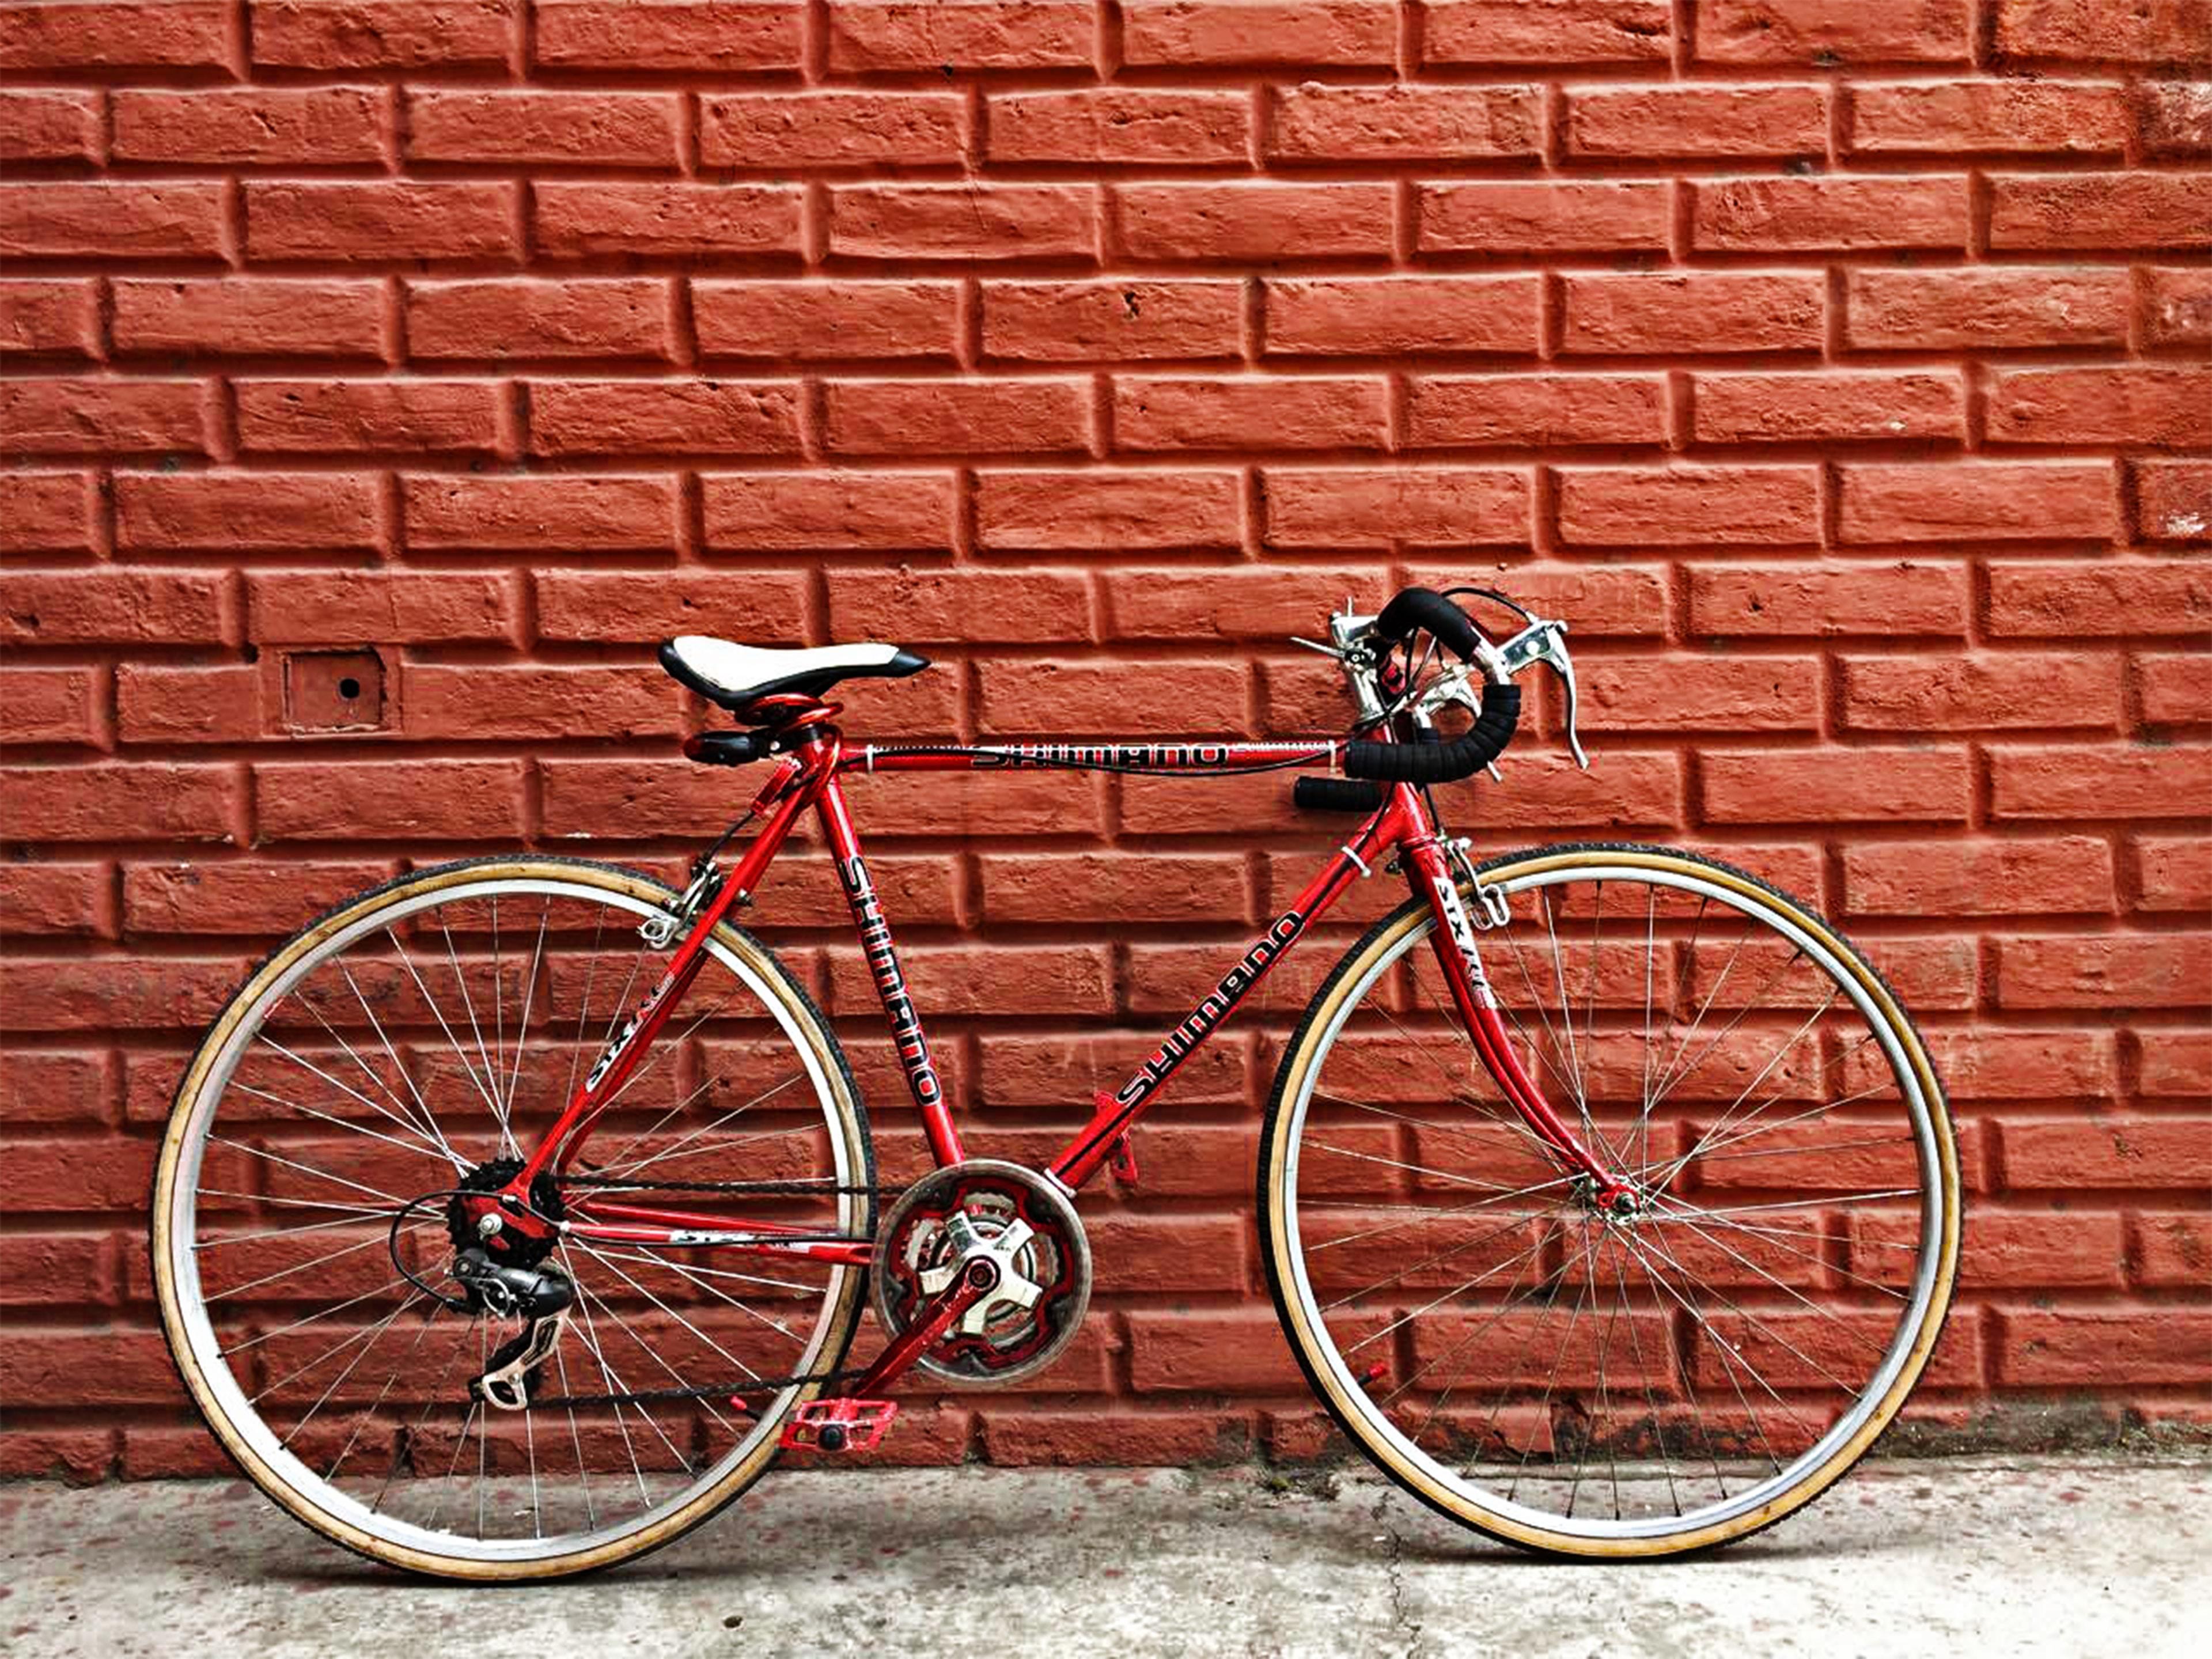 road bike against wall